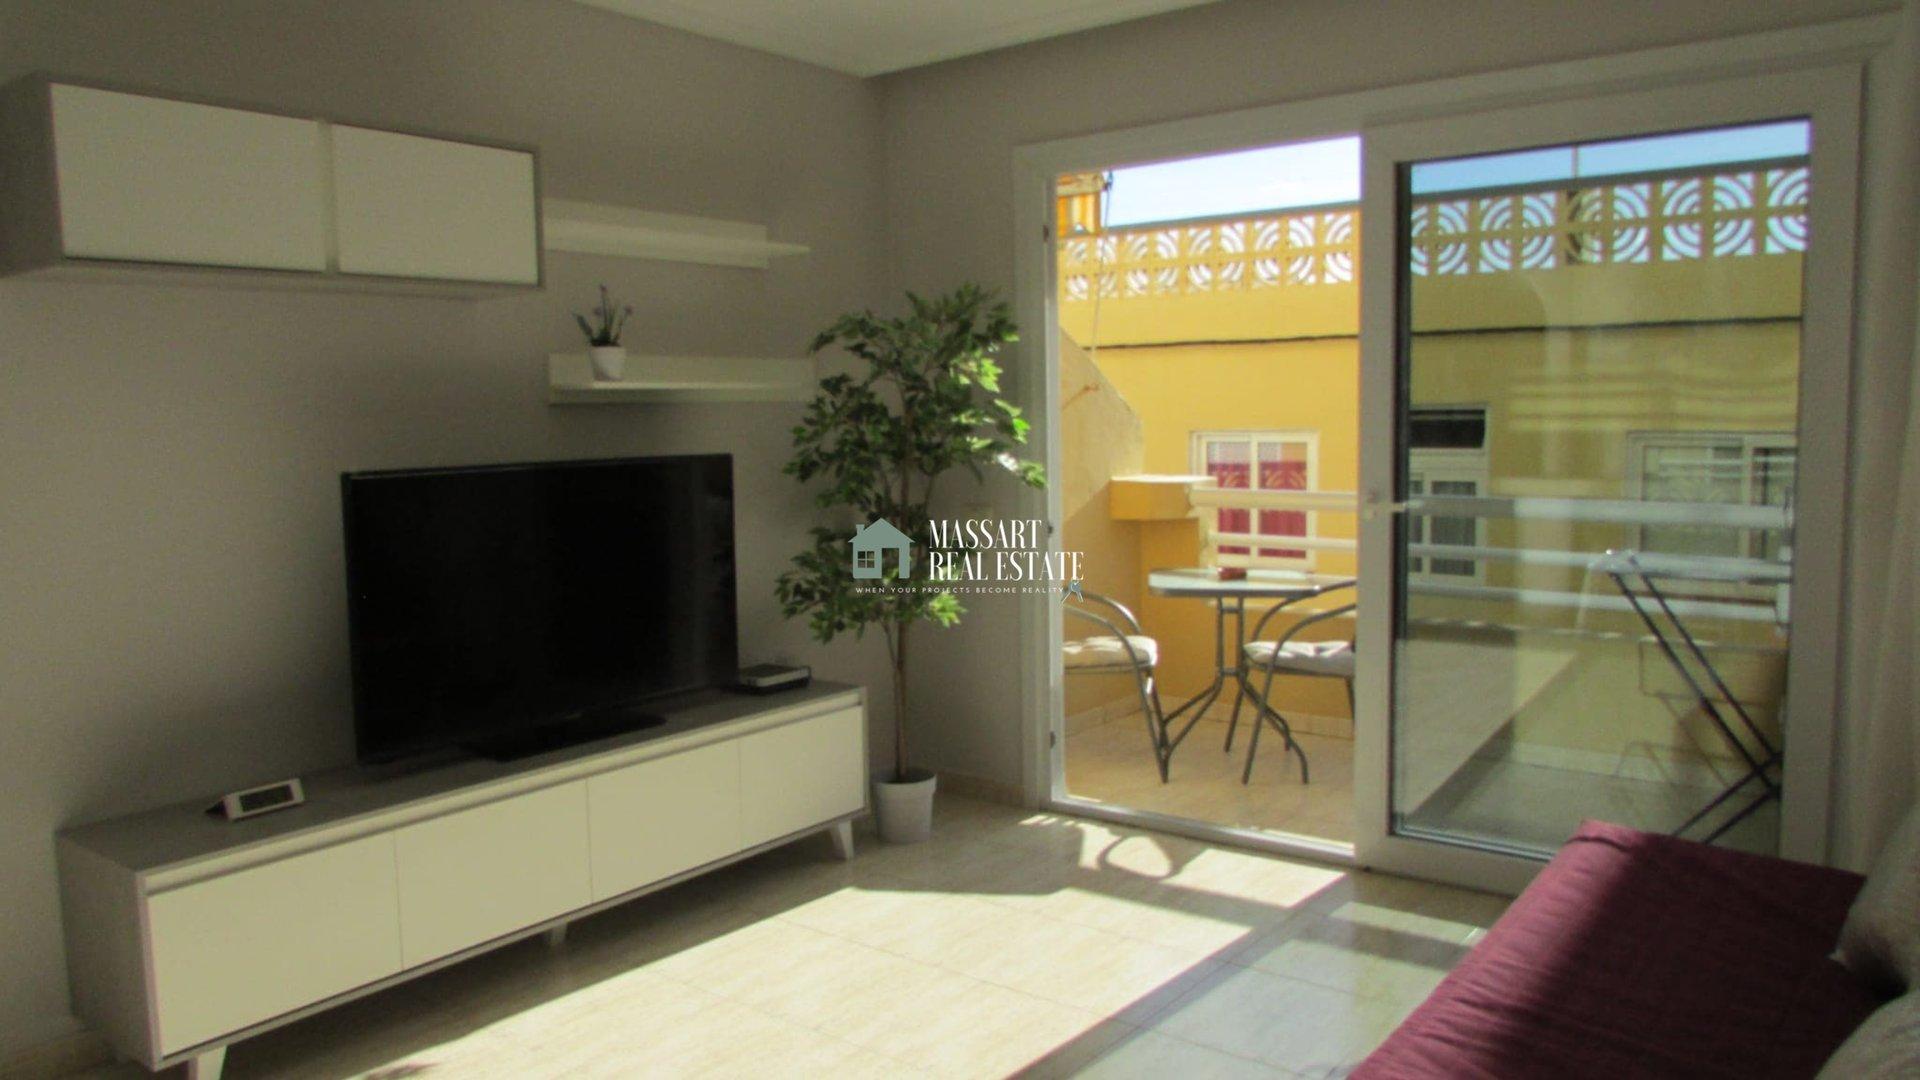 Komplett möblierte 50 m2 große Wohnung, die sich durch ihre strategische Lage auszeichnet.